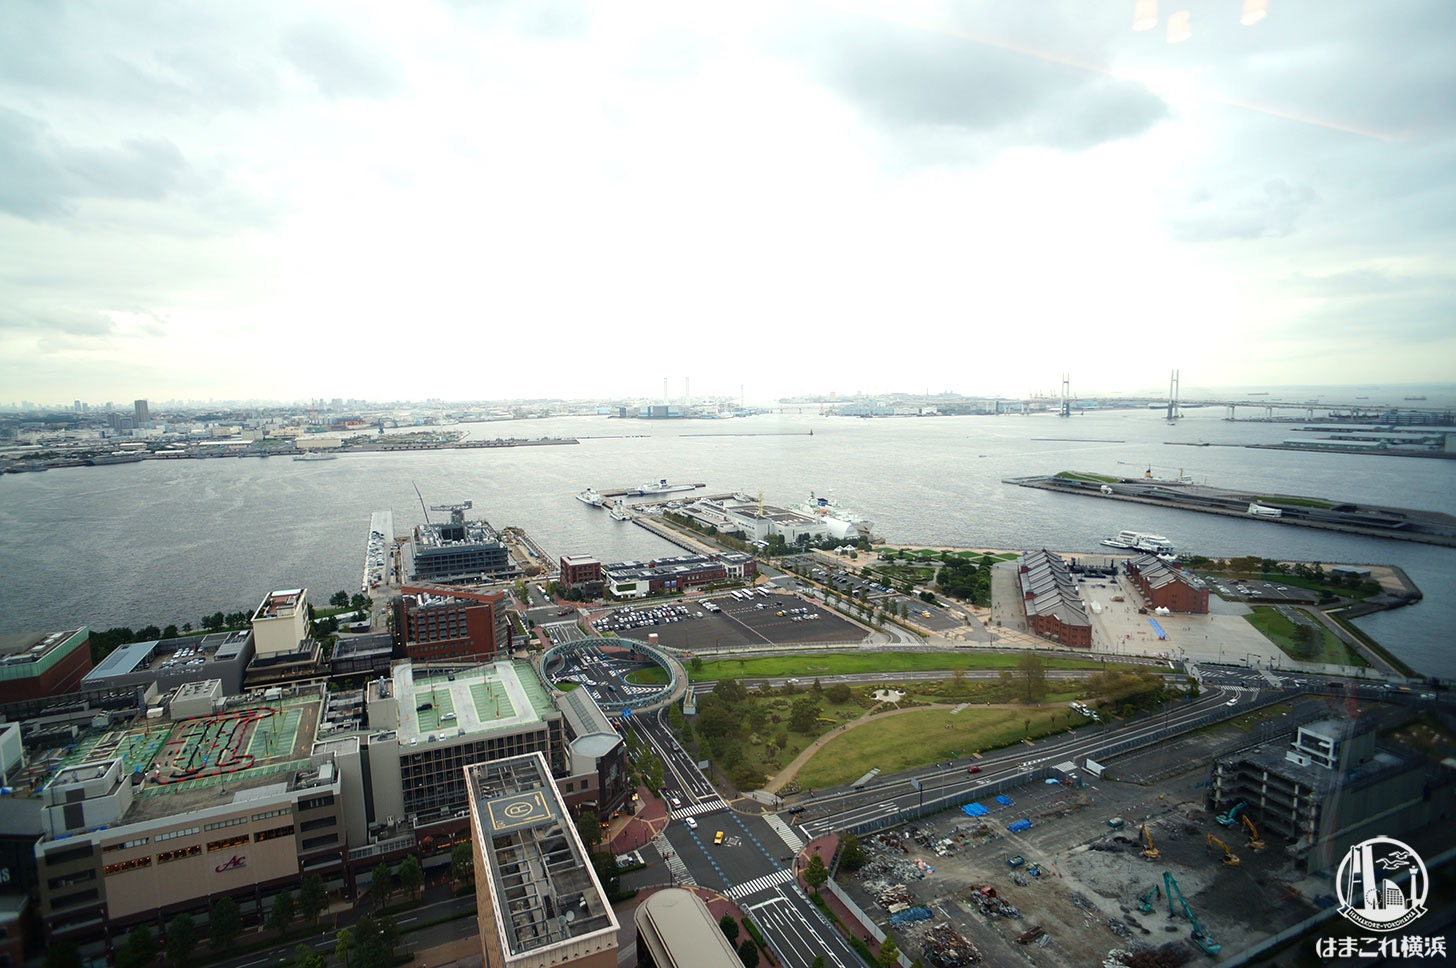 アパホテル&リゾート 横浜ベイタワー 展望レストラン